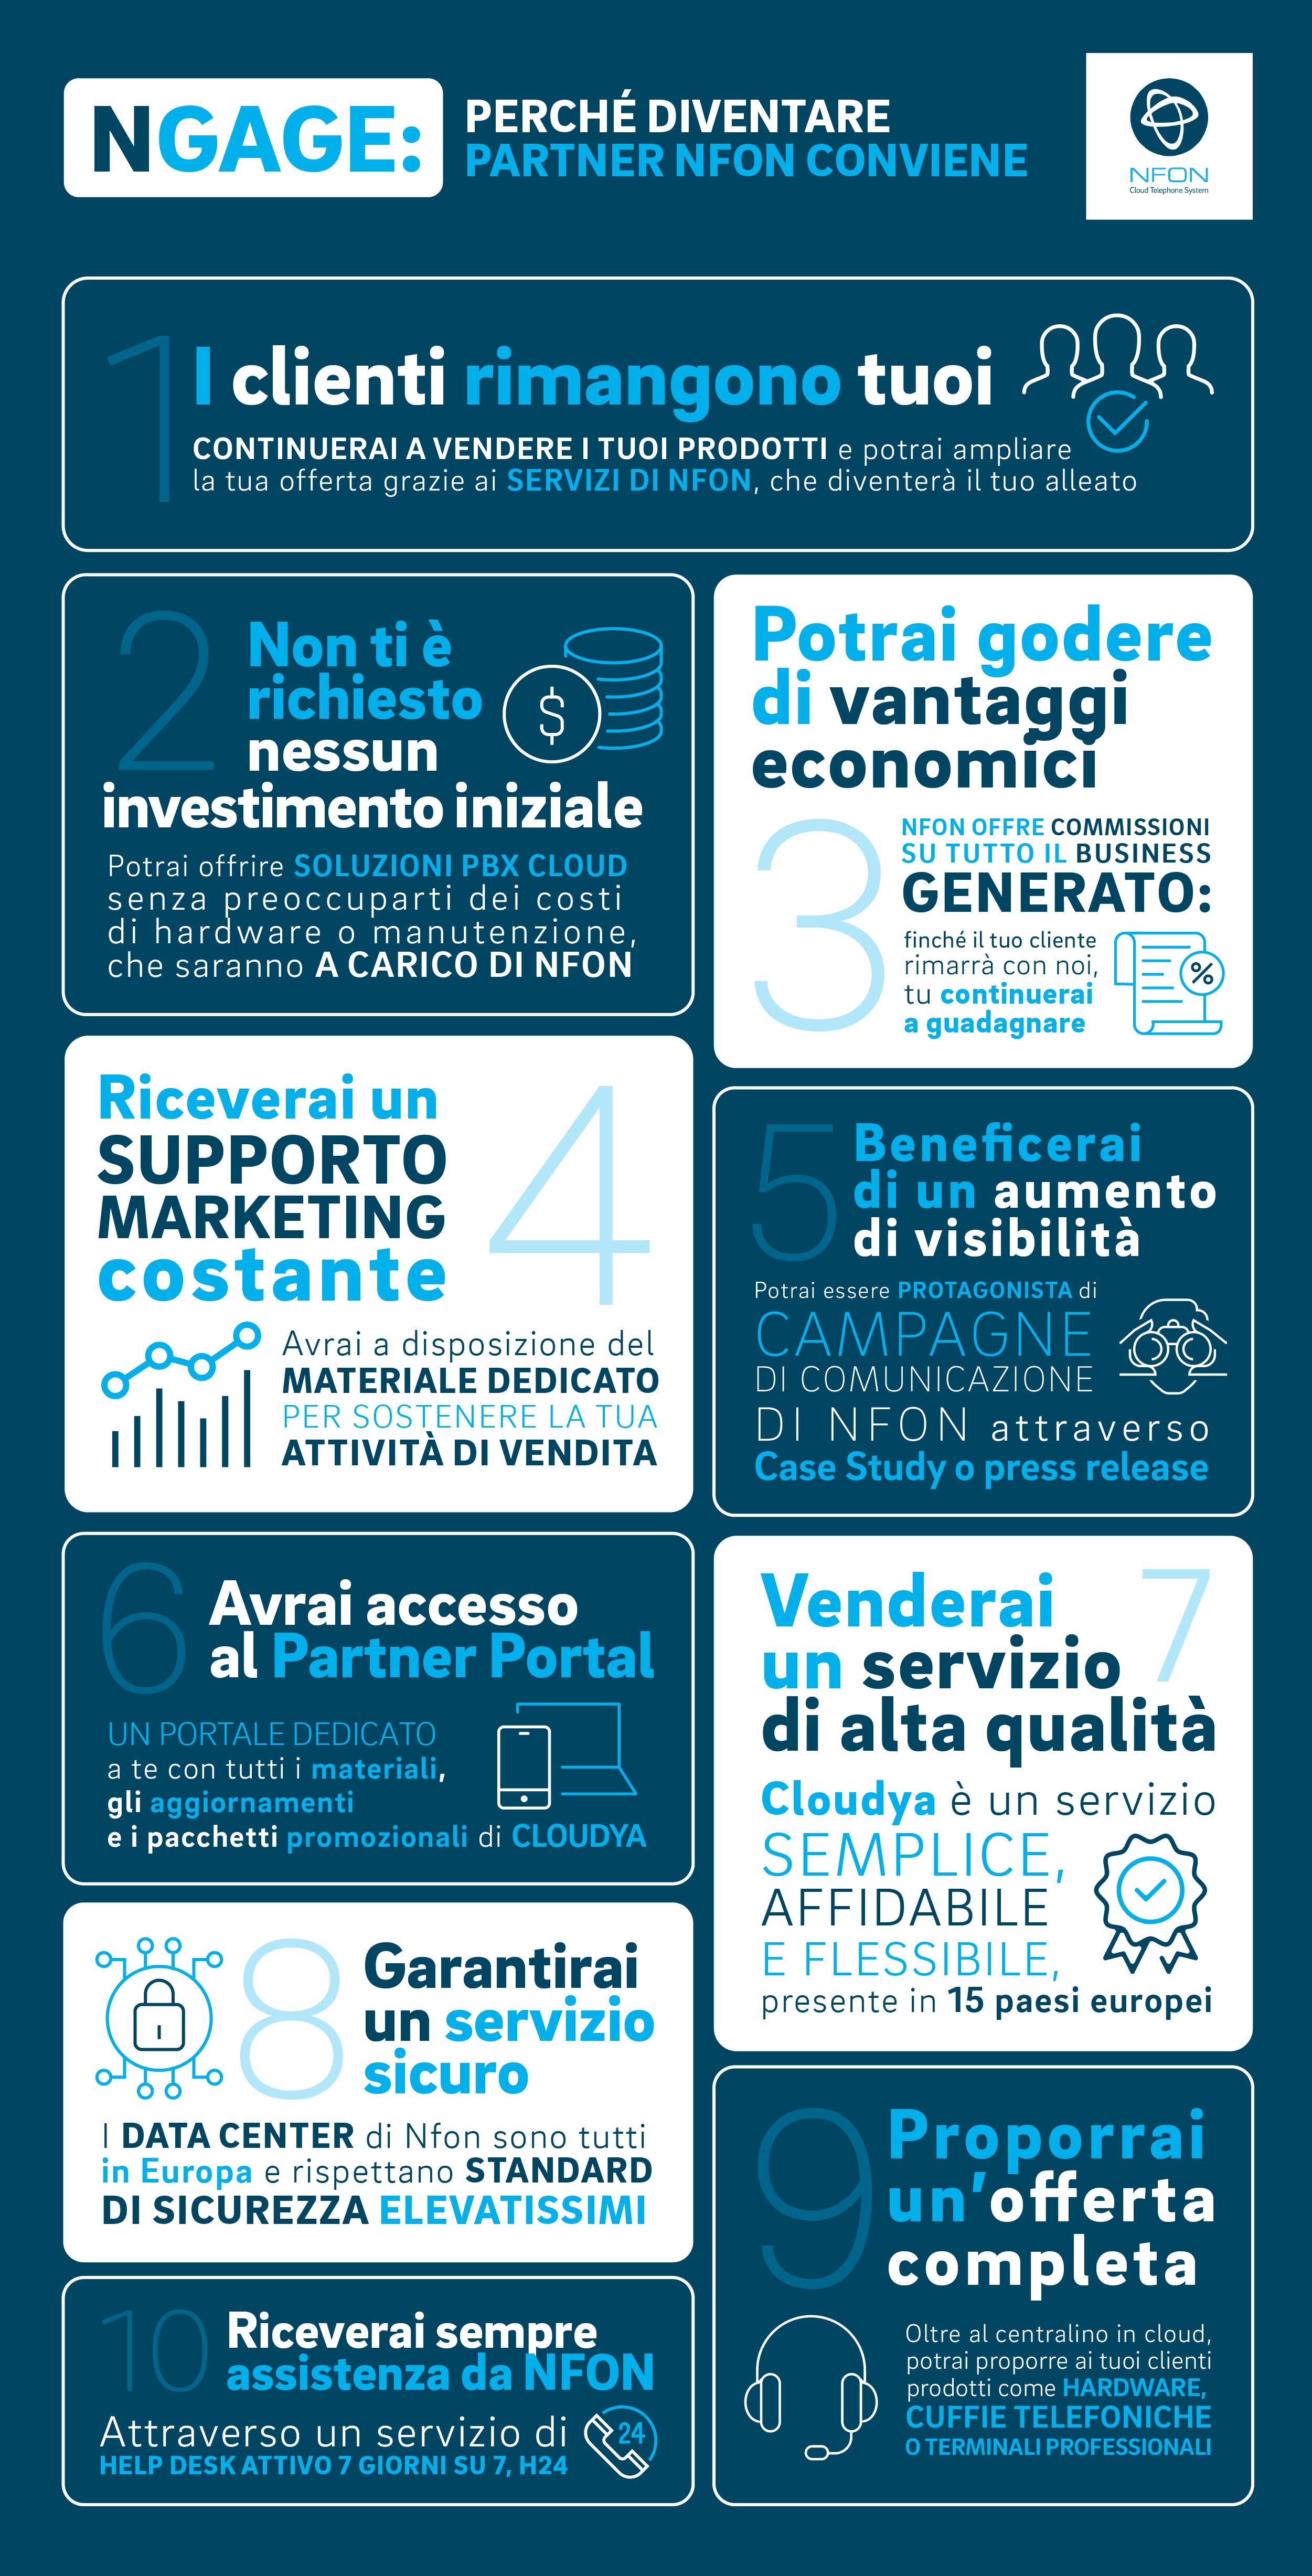 NFON_NGAGE_infografica